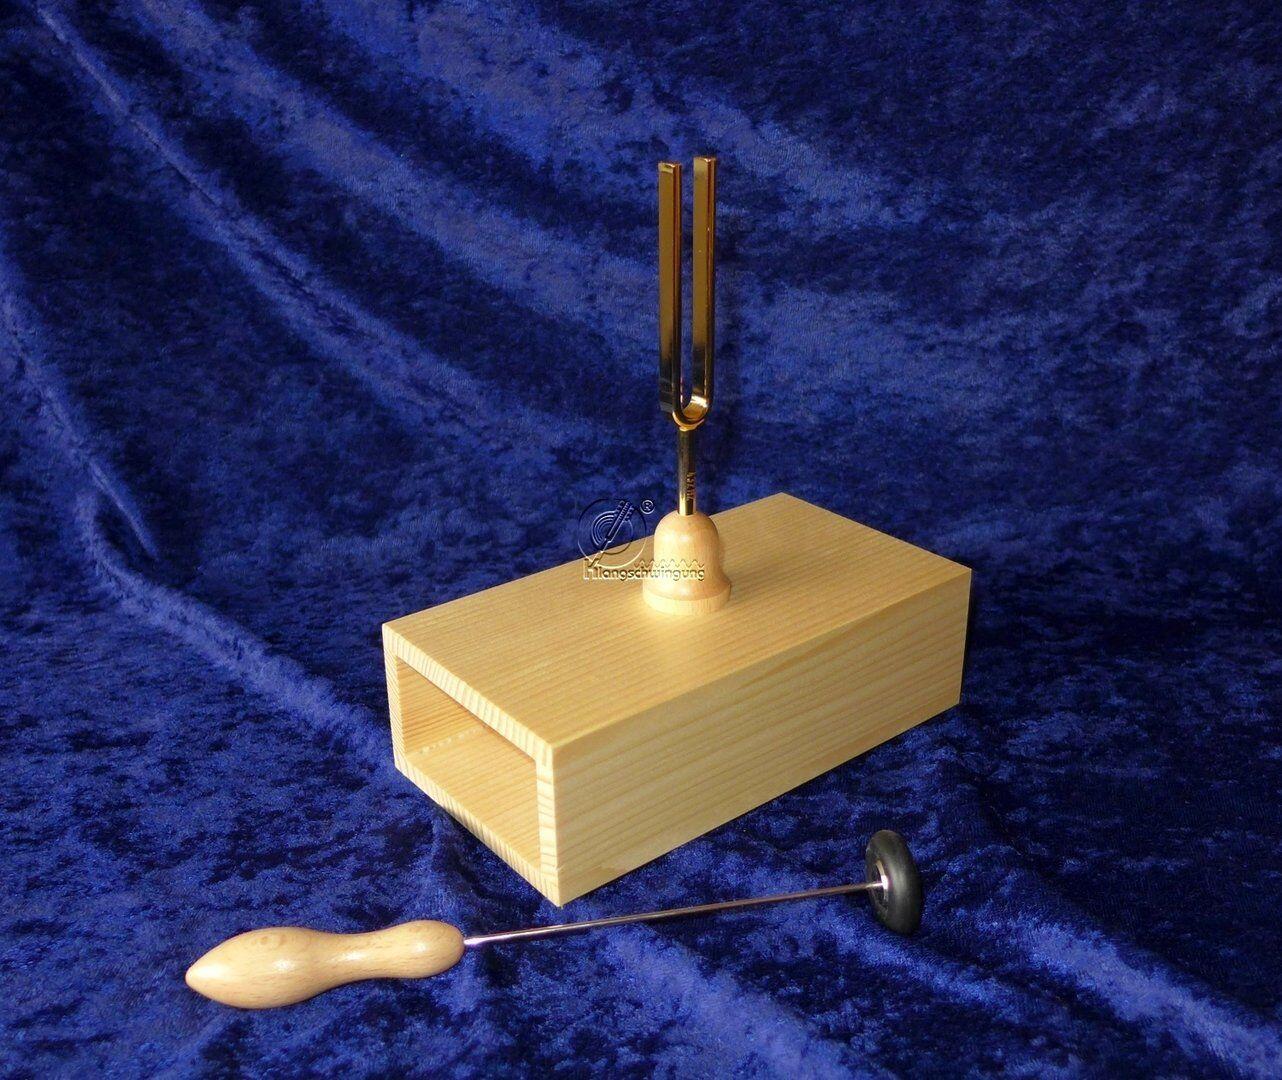 Stimmgabel a` 440 Hz  Gold  auf Resonanzkasten  NEU - Tuningfork Germany